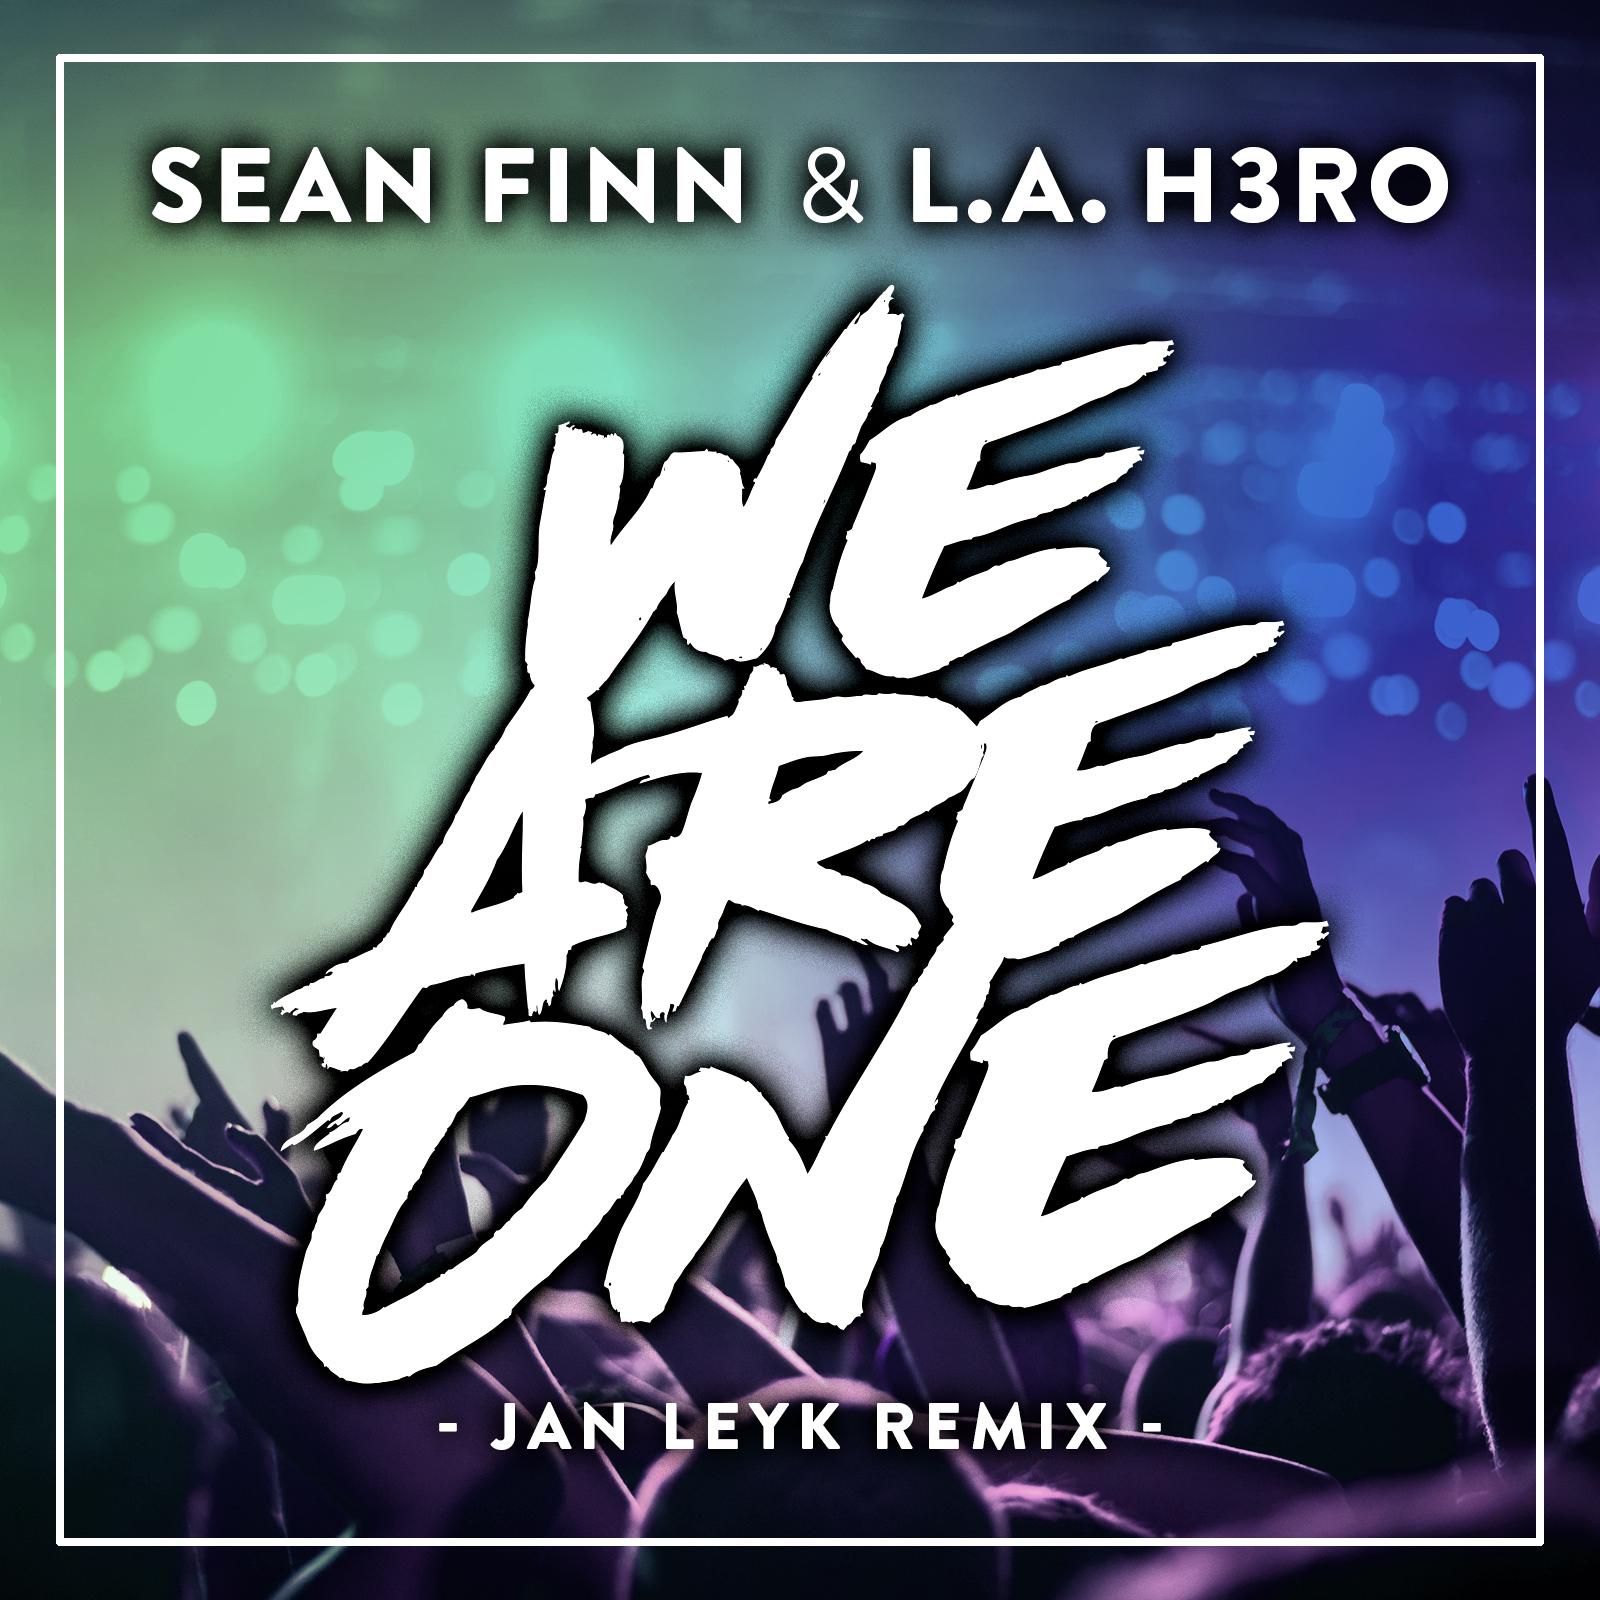 SEAN FINN & L.A. H3RO - We Are One (Nitron/Sony)